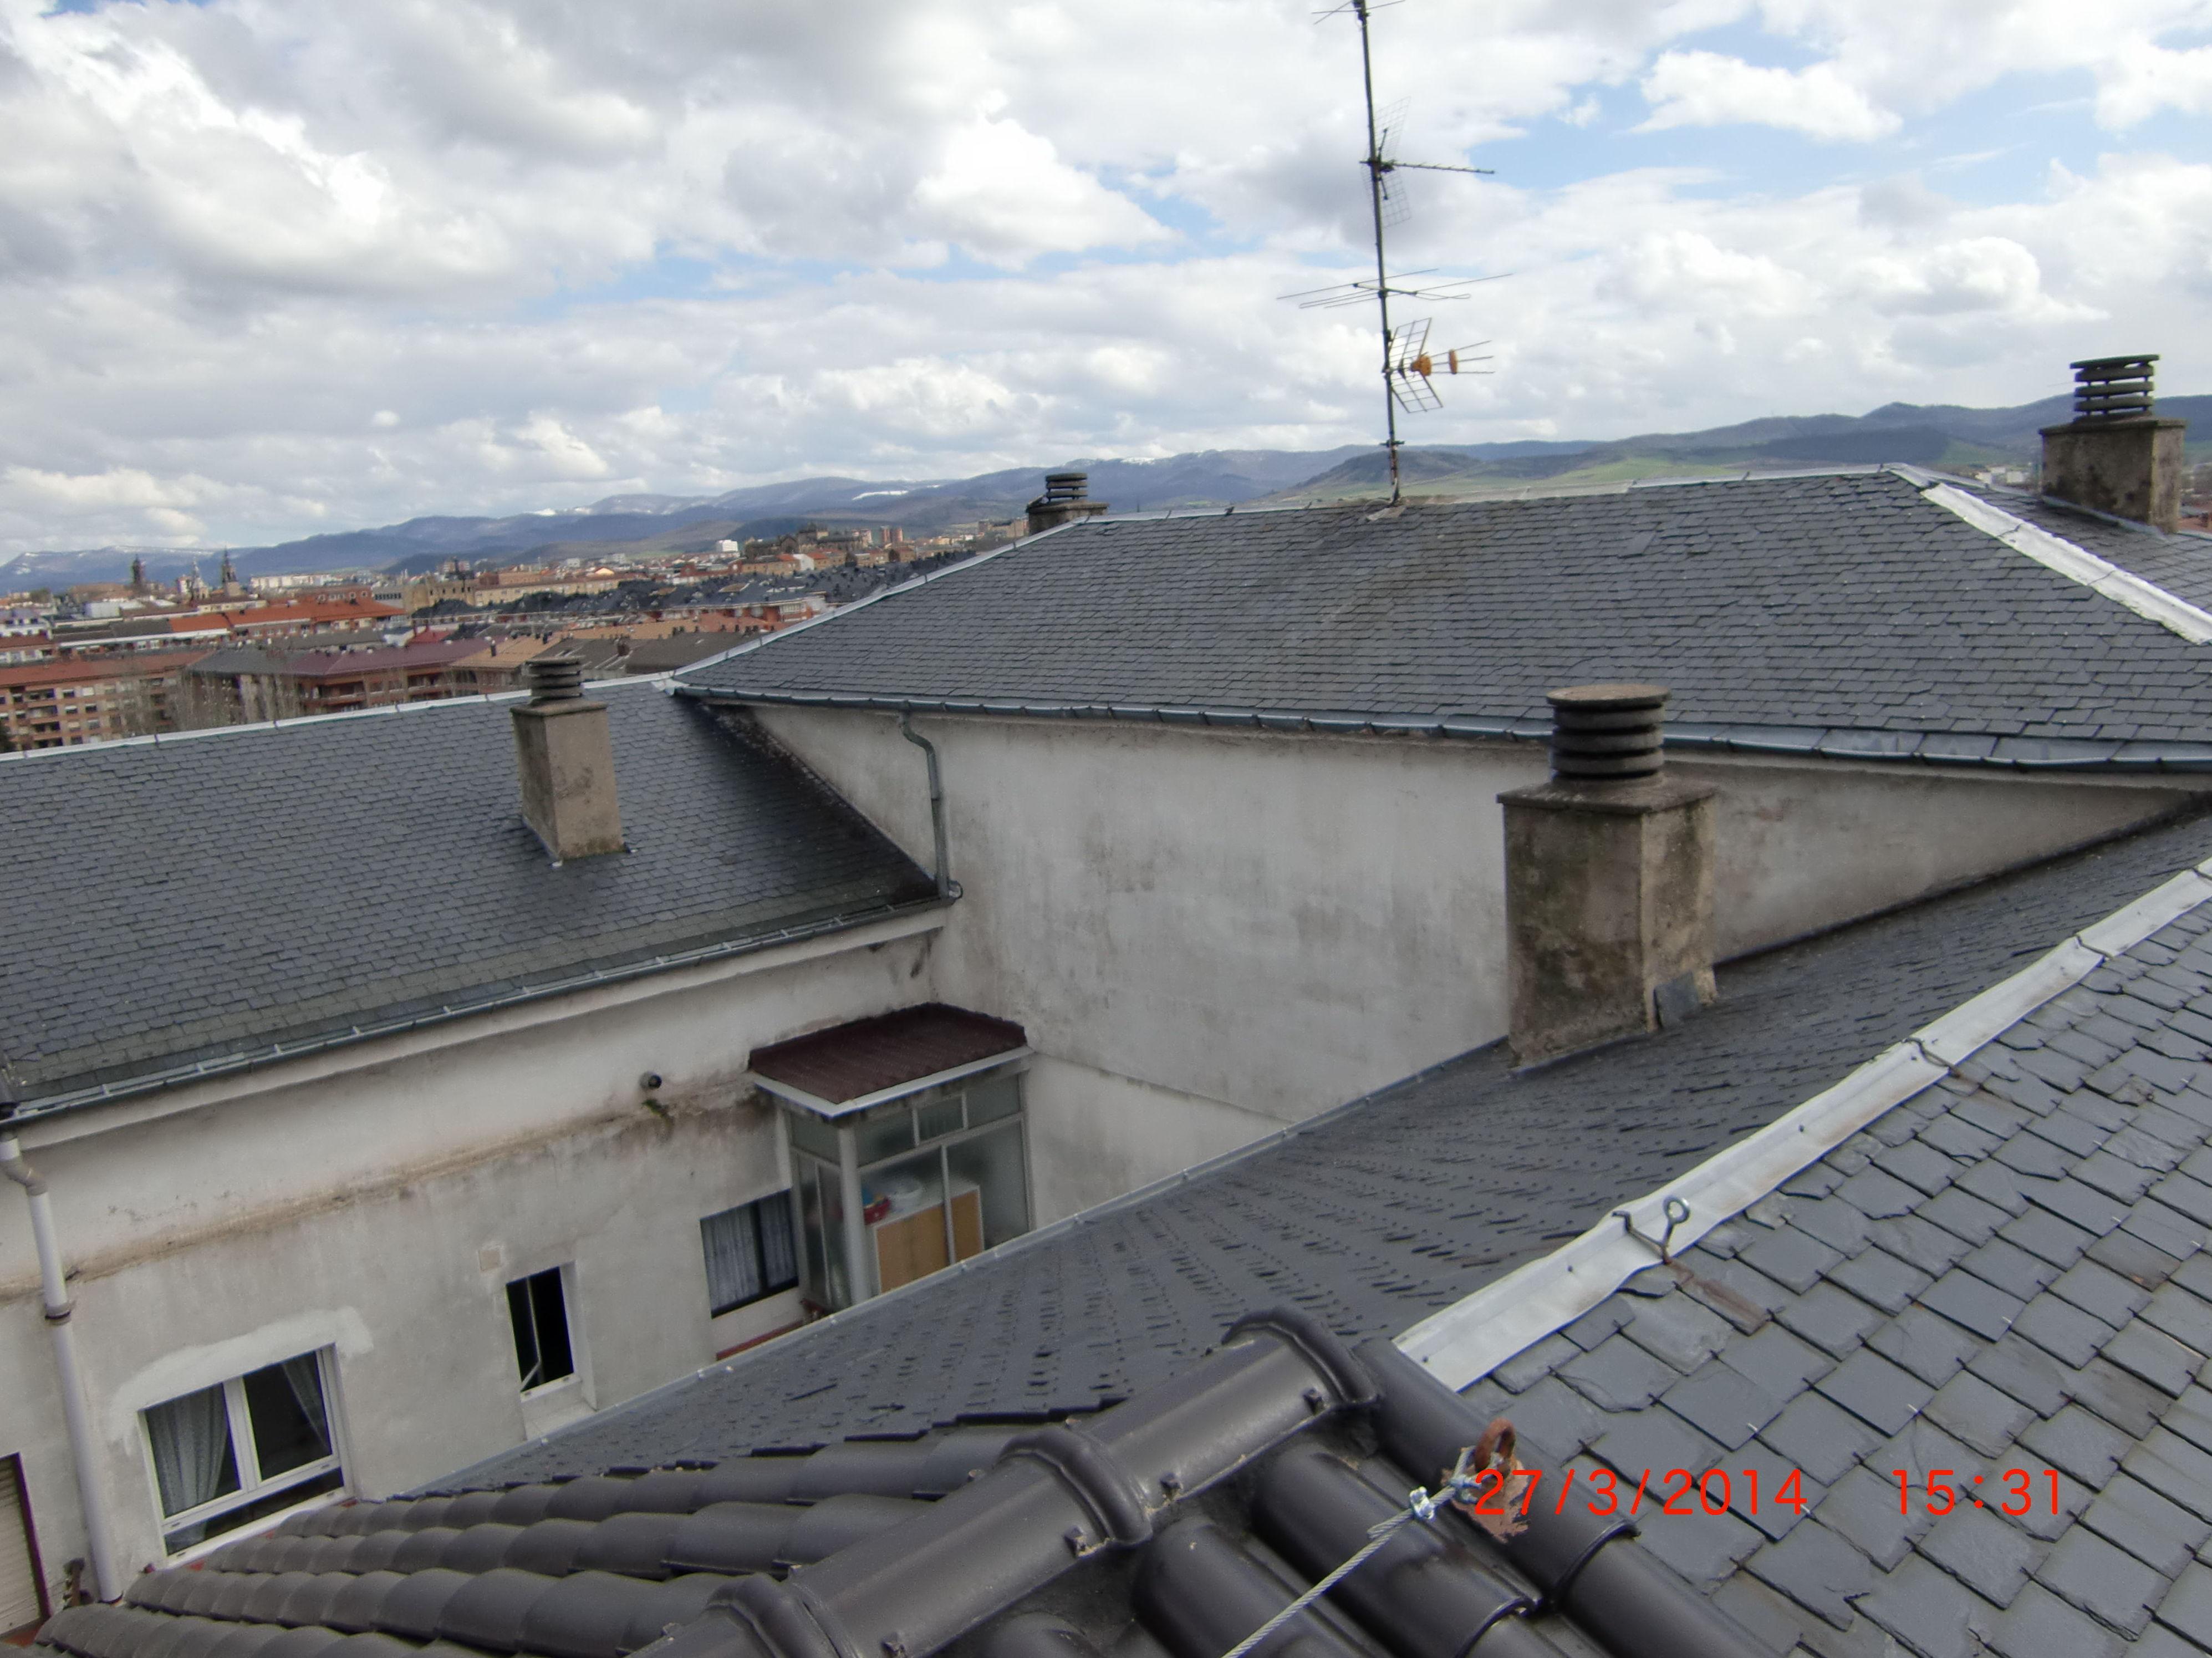 Rehabilitación de tejado en la calle Chile, 6 Vitoria-Gasteiz antes de la obra